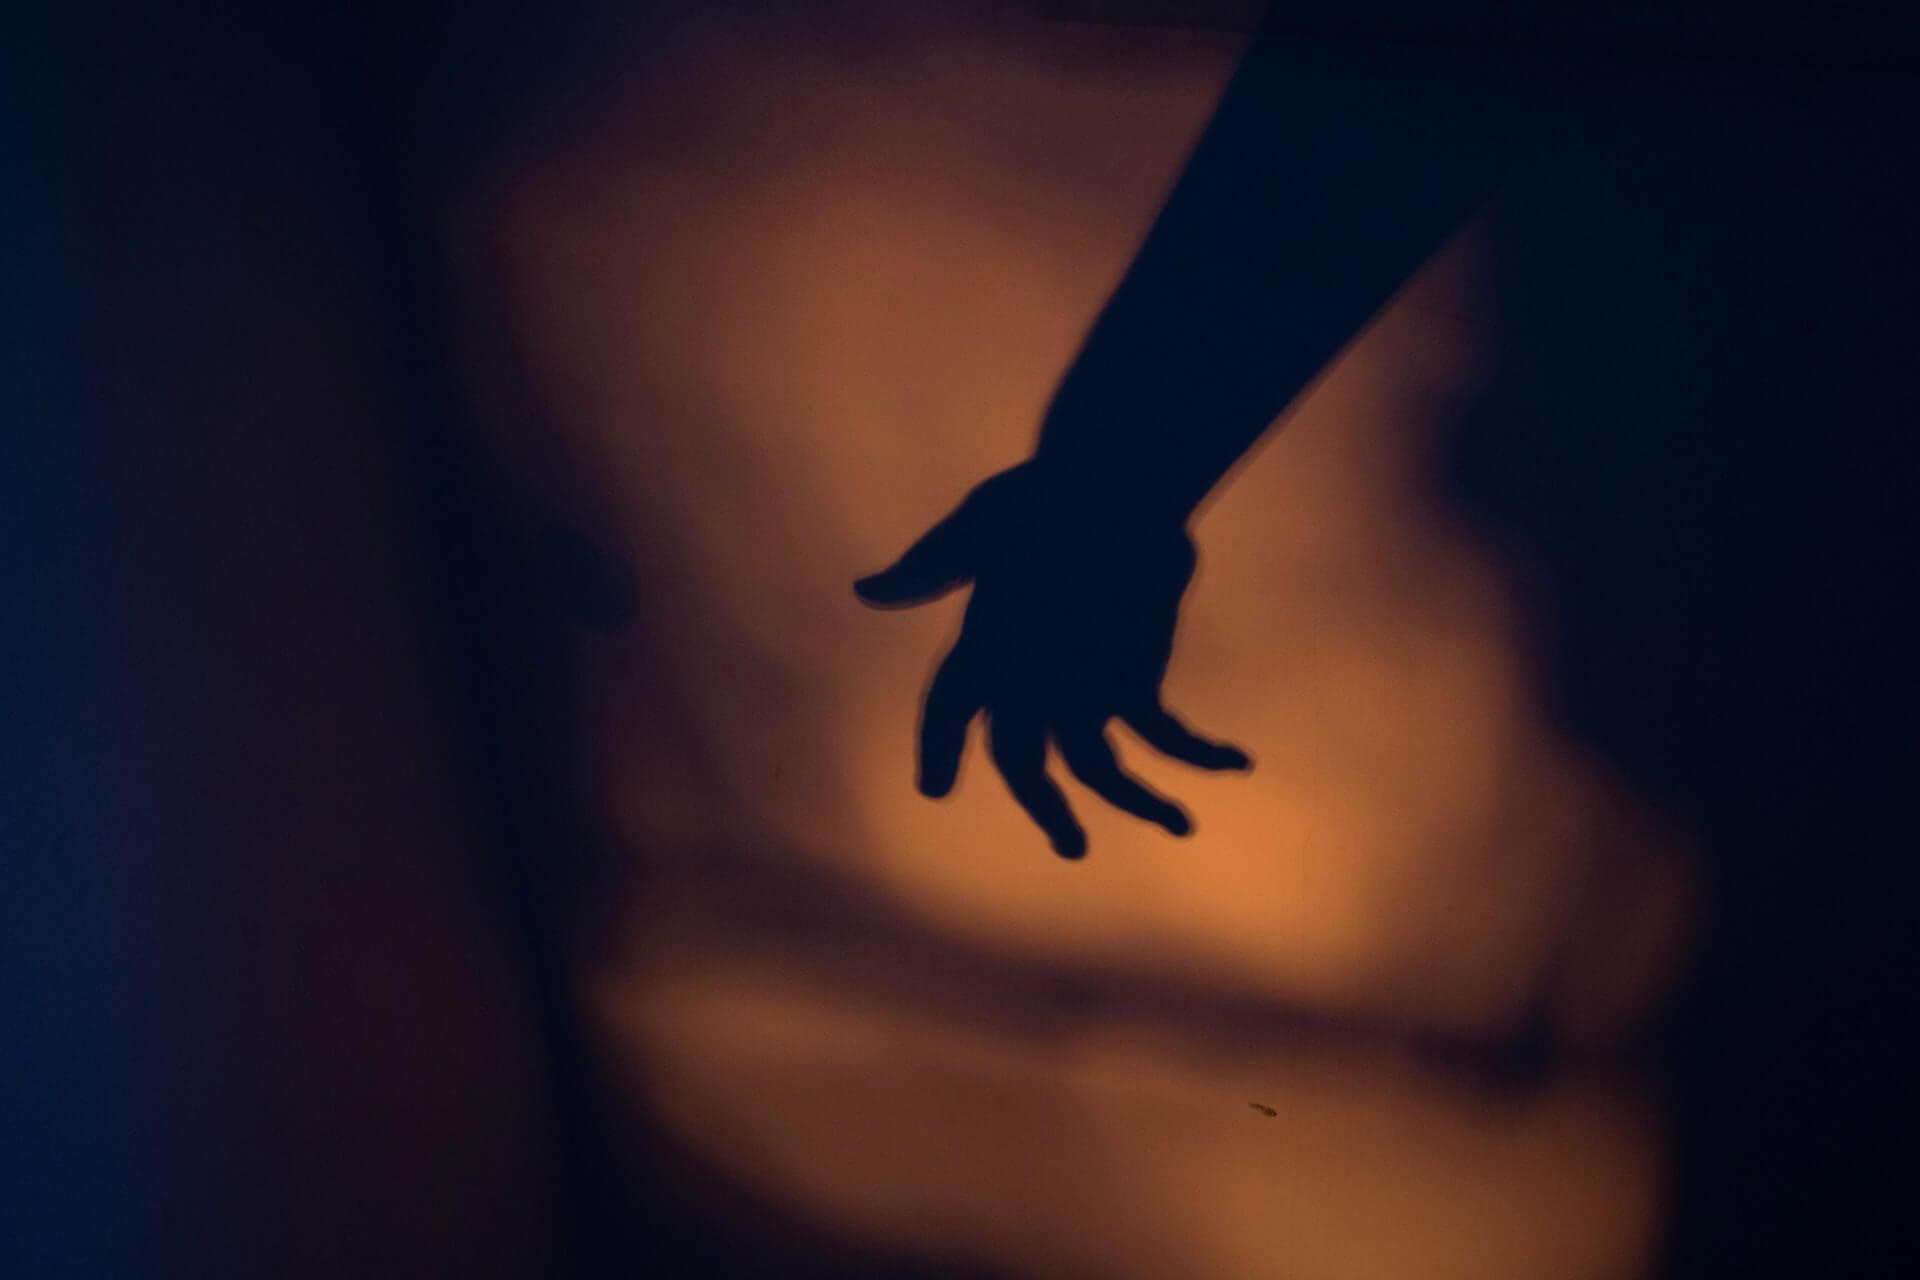 Cień ręki, na ciemnym tle.